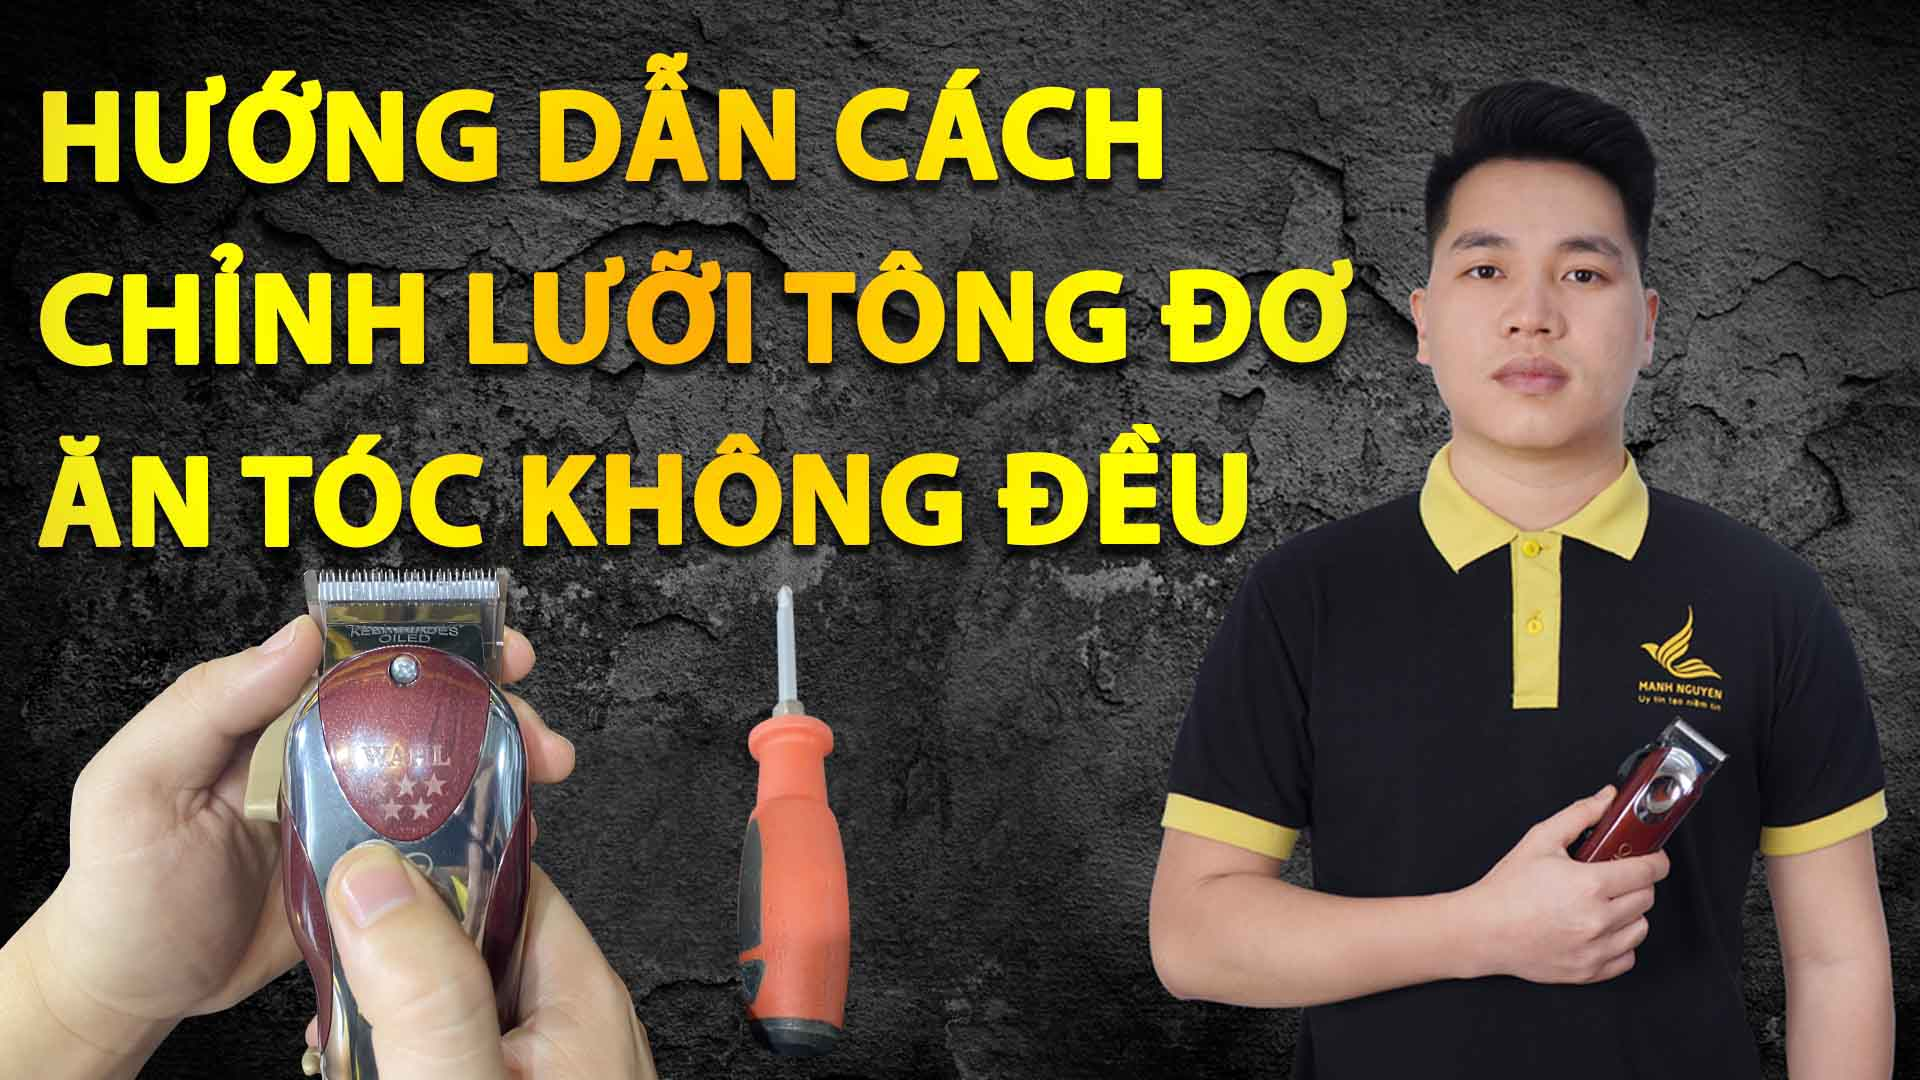 huong dan cach chinh luoi tong do an toc khong deu